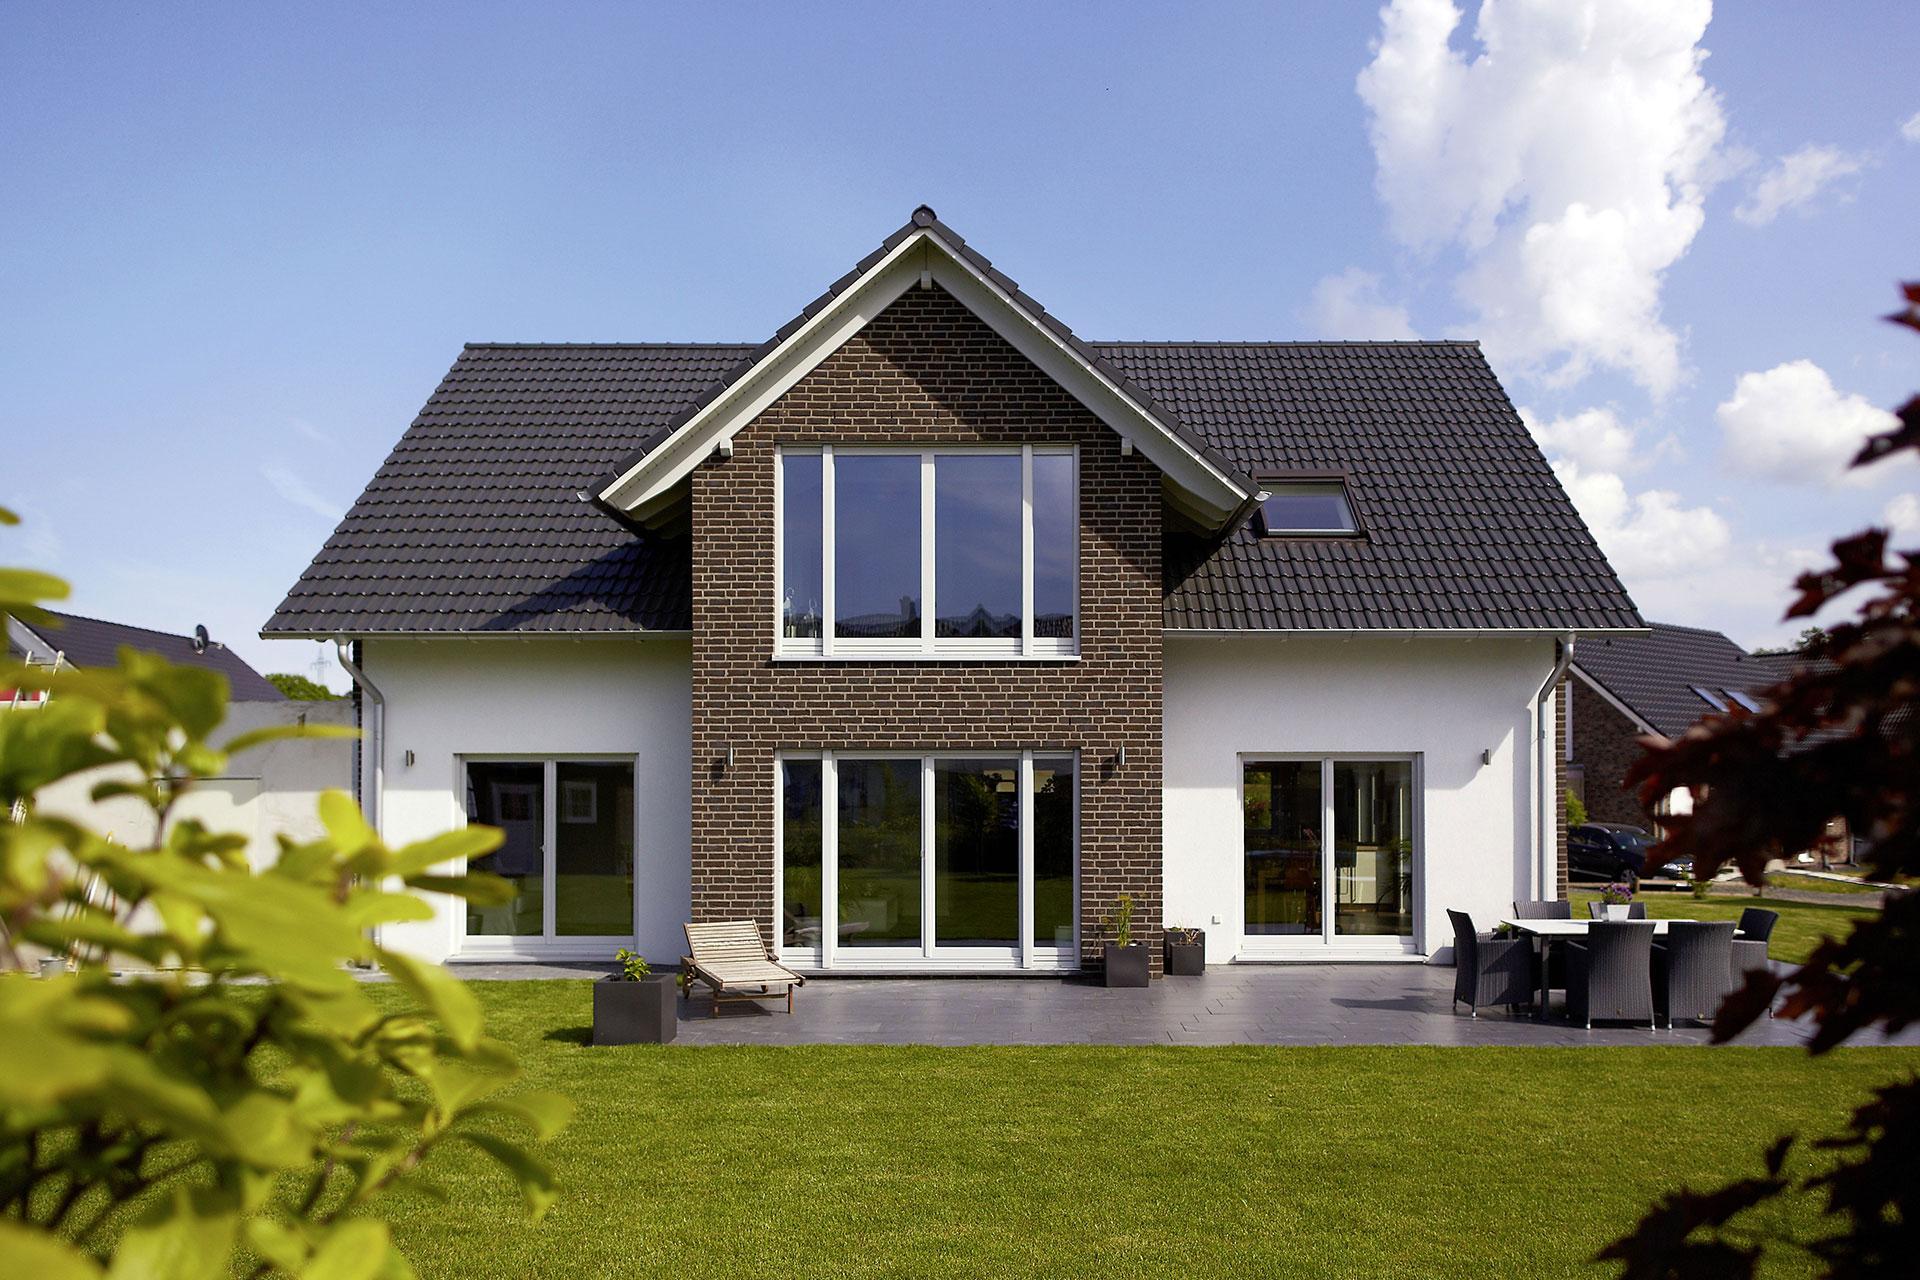 Energieeffizientes einfamilienhaus individuell geplant for Satteldach einfamilienhaus